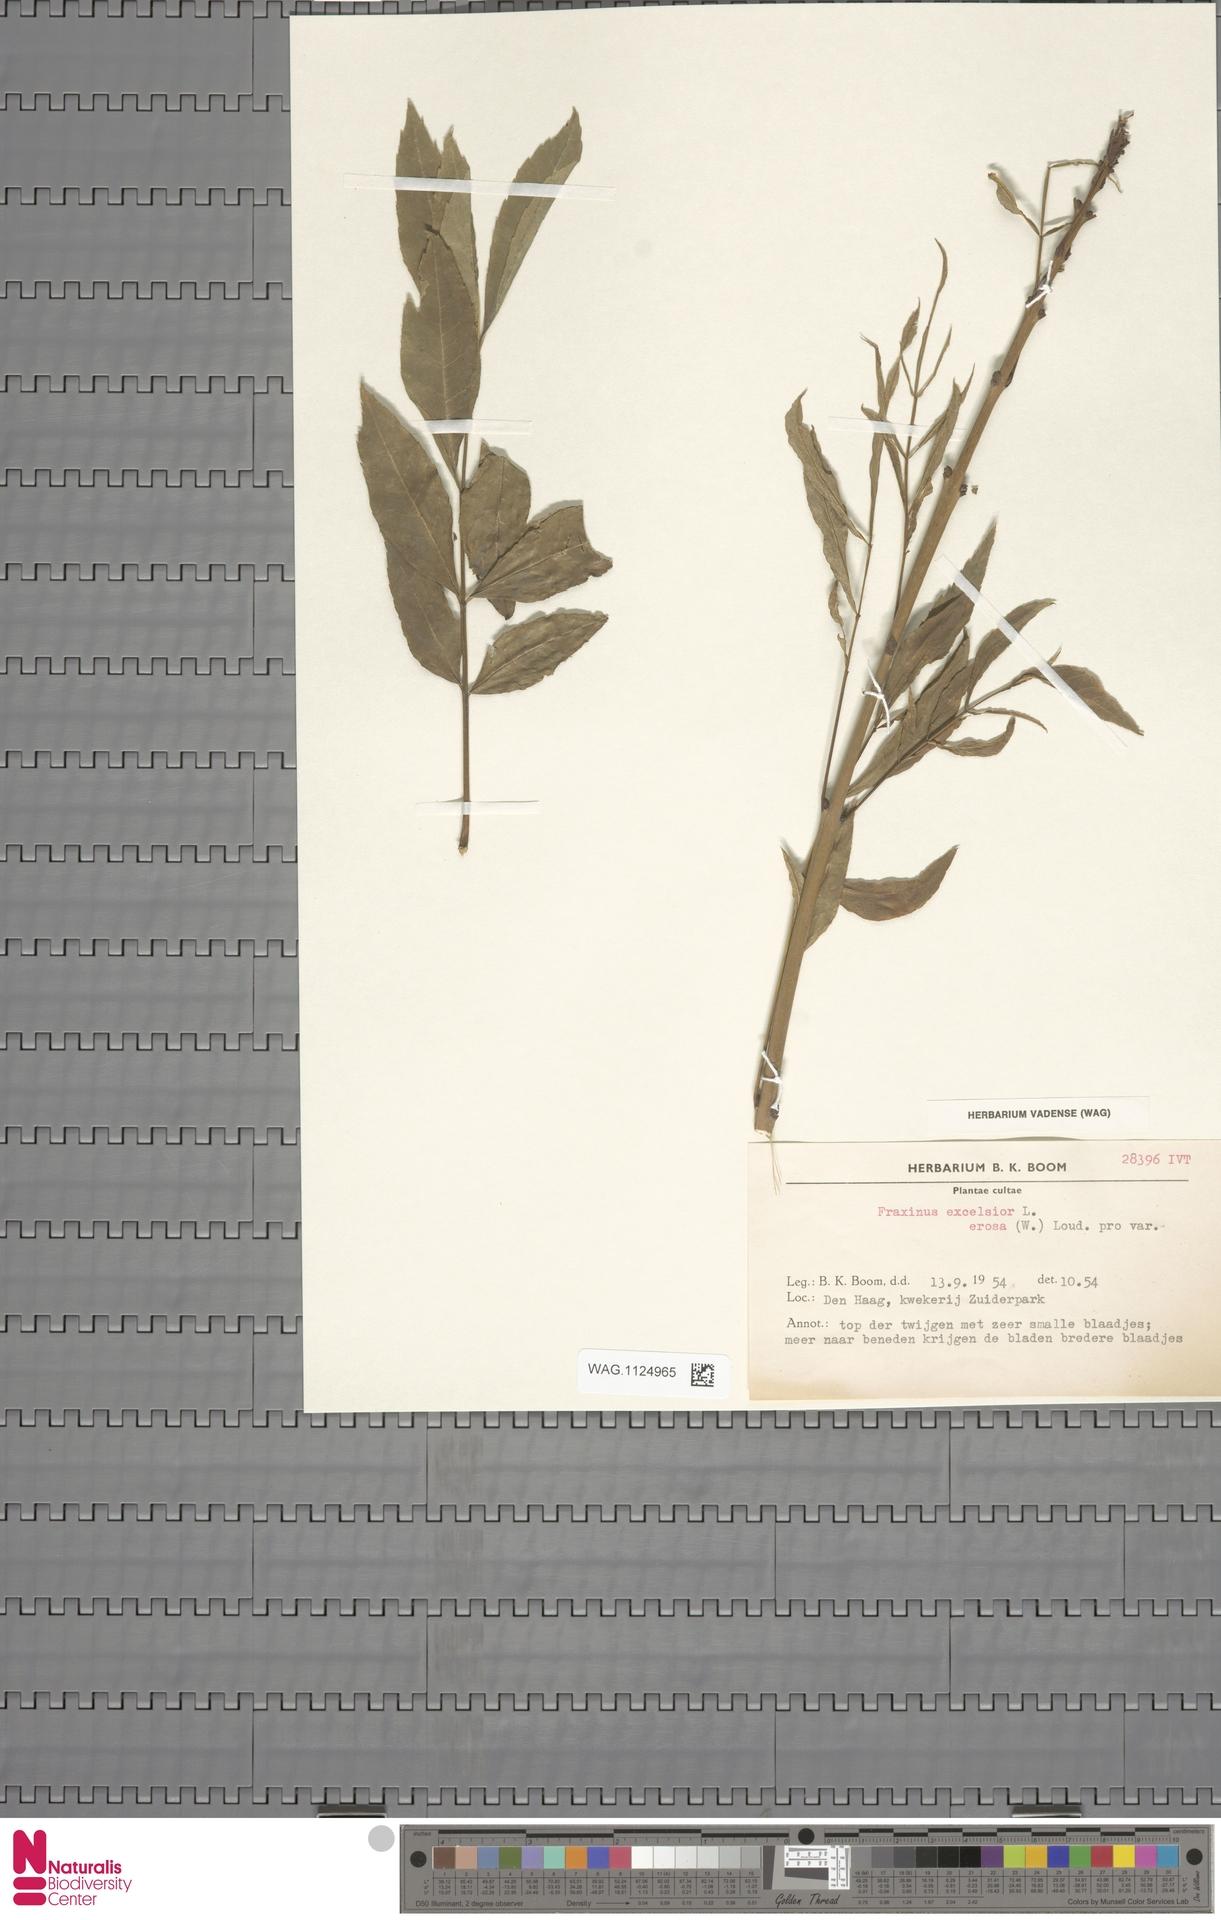 WAG.1124965   Fraxinus excelsior cv. Brosa